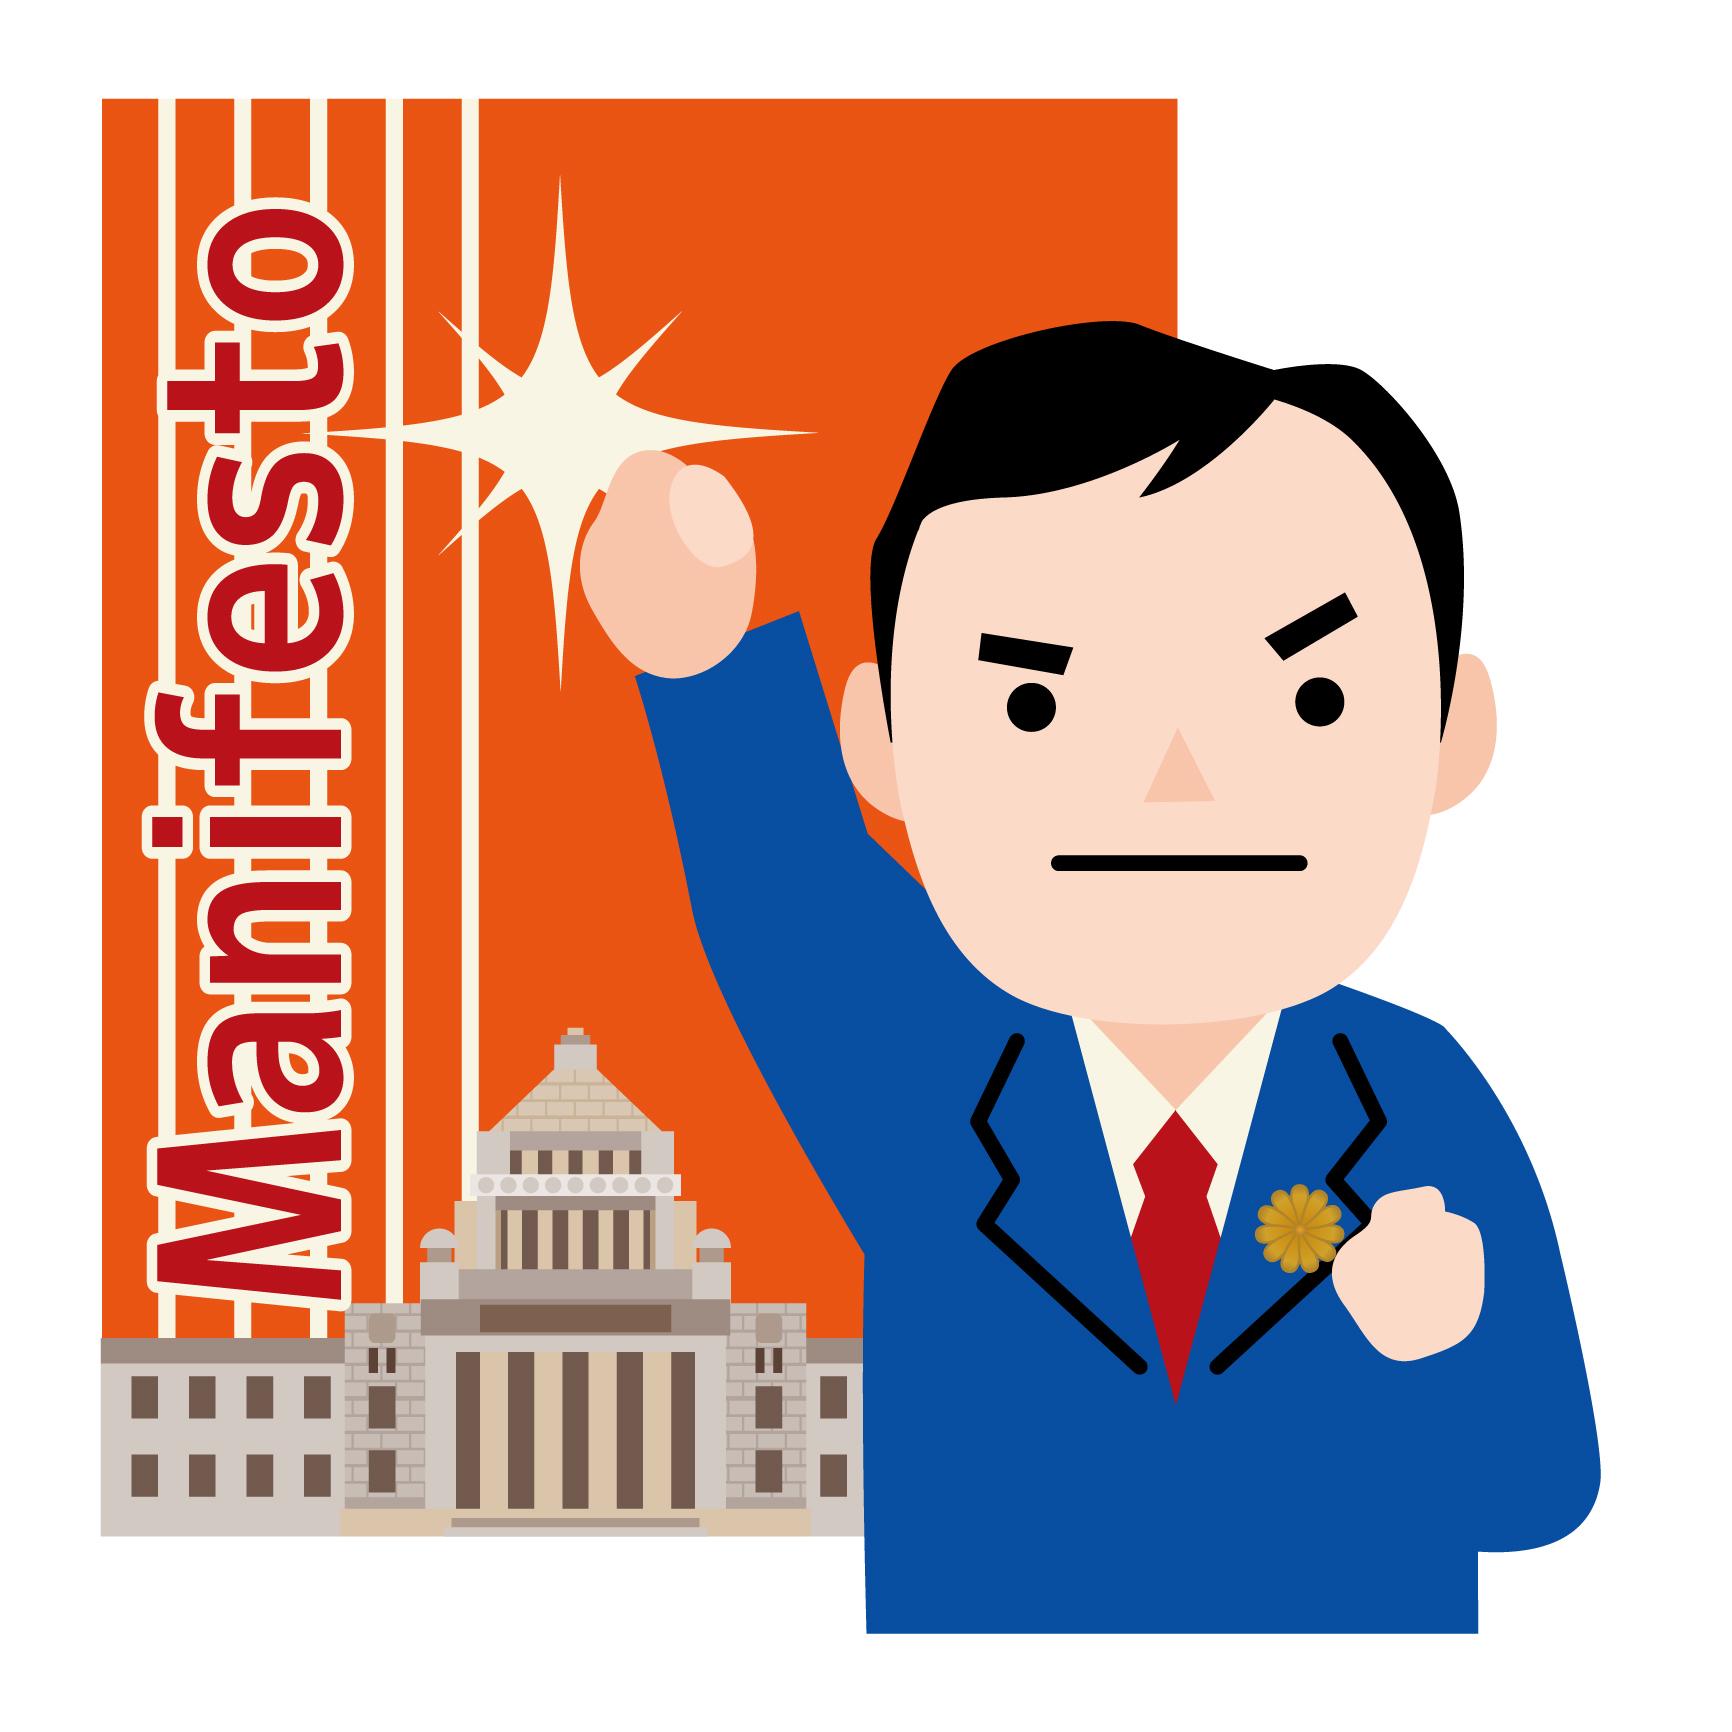 最強のマニフェストを掲げても落選するのが選挙。政党ではなく人で決めよう